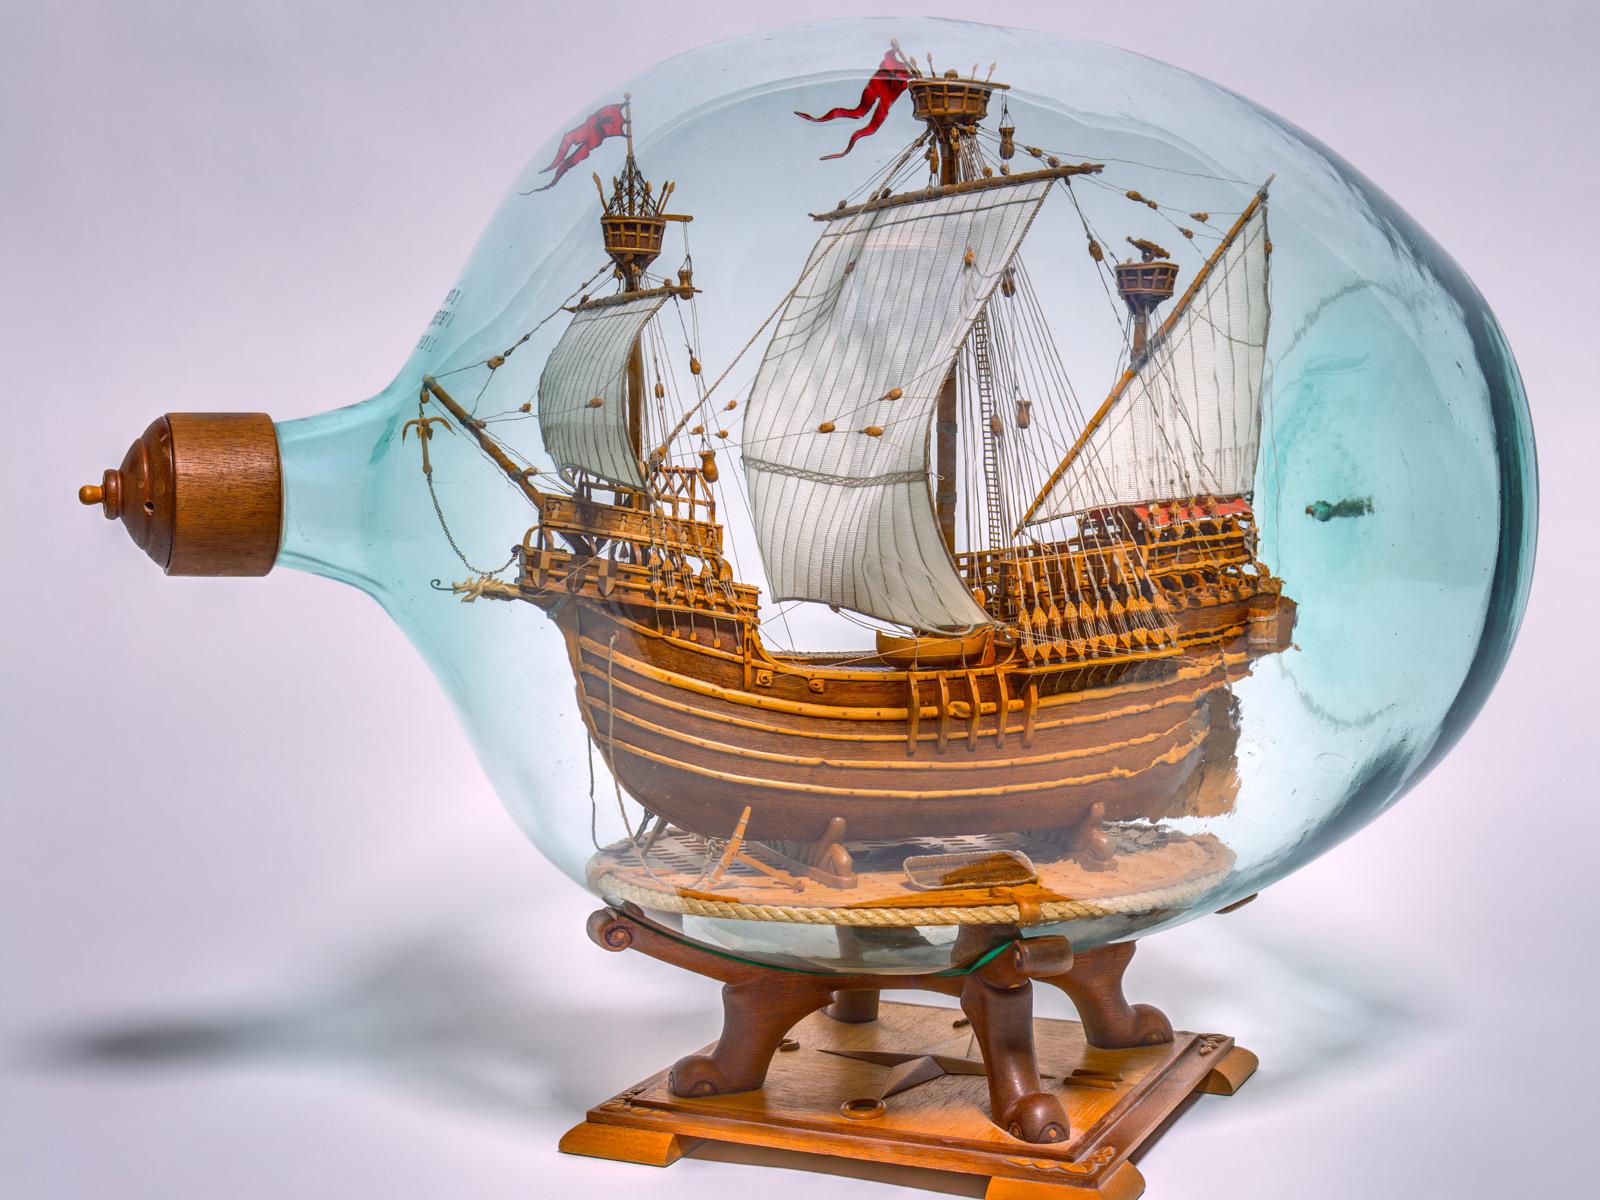 Flaschenschiff mit dem Modell einer spätmittelalterlichen flämischen Karacke (um 1980). Der Weltumsegler Ferdinand Magellan ist mit einem ähnlichen Schiff gefahren (Foto: Michael Röber)